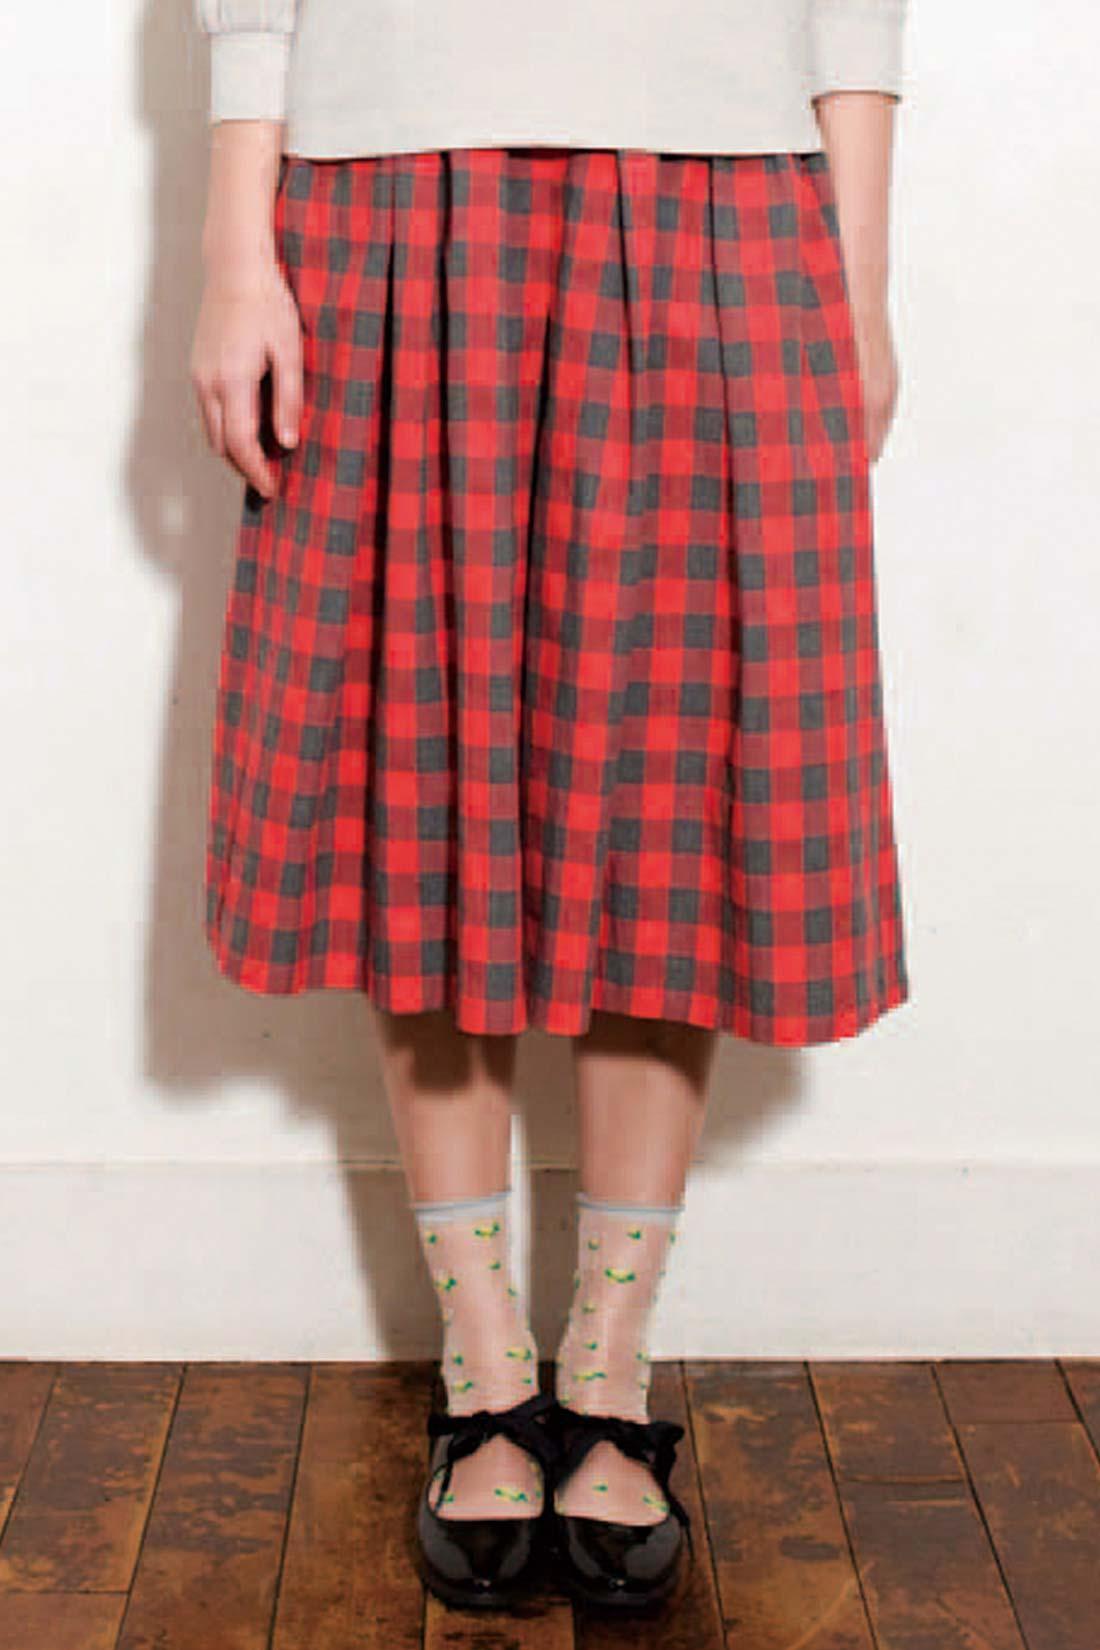 [実は……。]一見スカートに見えるけど、ガウチョパンツ! おてんばさんにはうれしい限り。